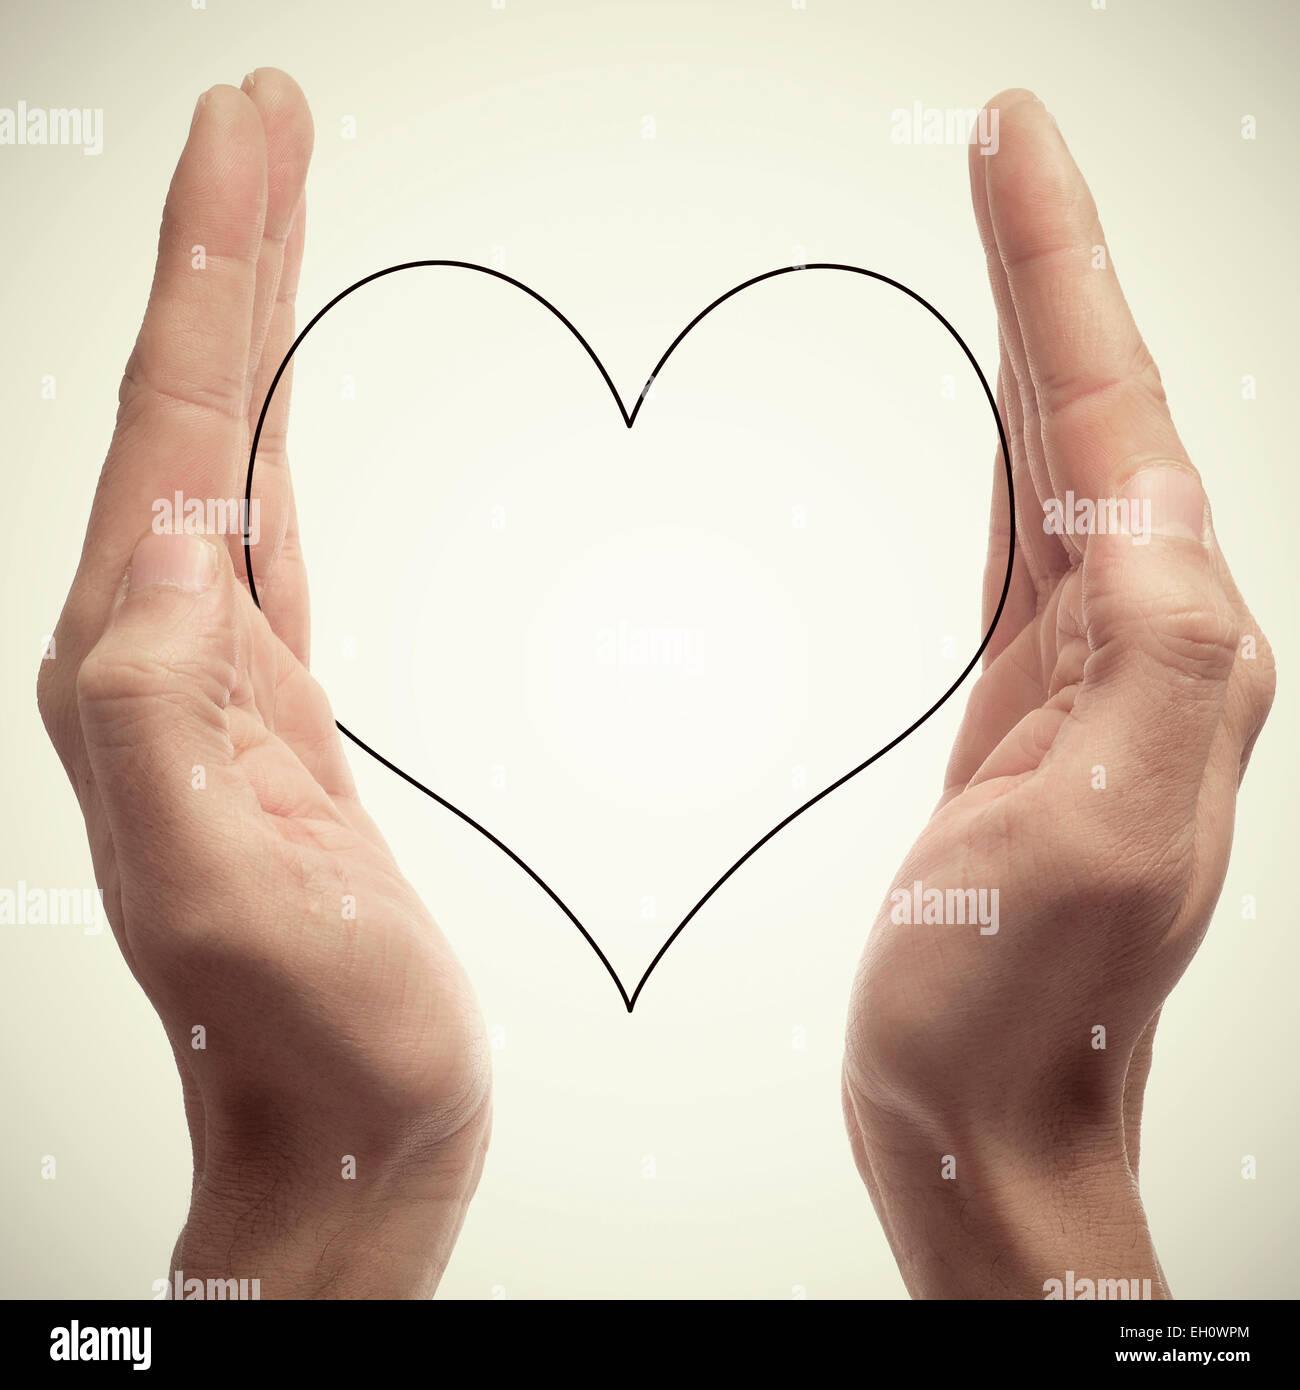 Hombre manos sosteniendo una silueta de un corazón, con un efecto retro Imagen De Stock